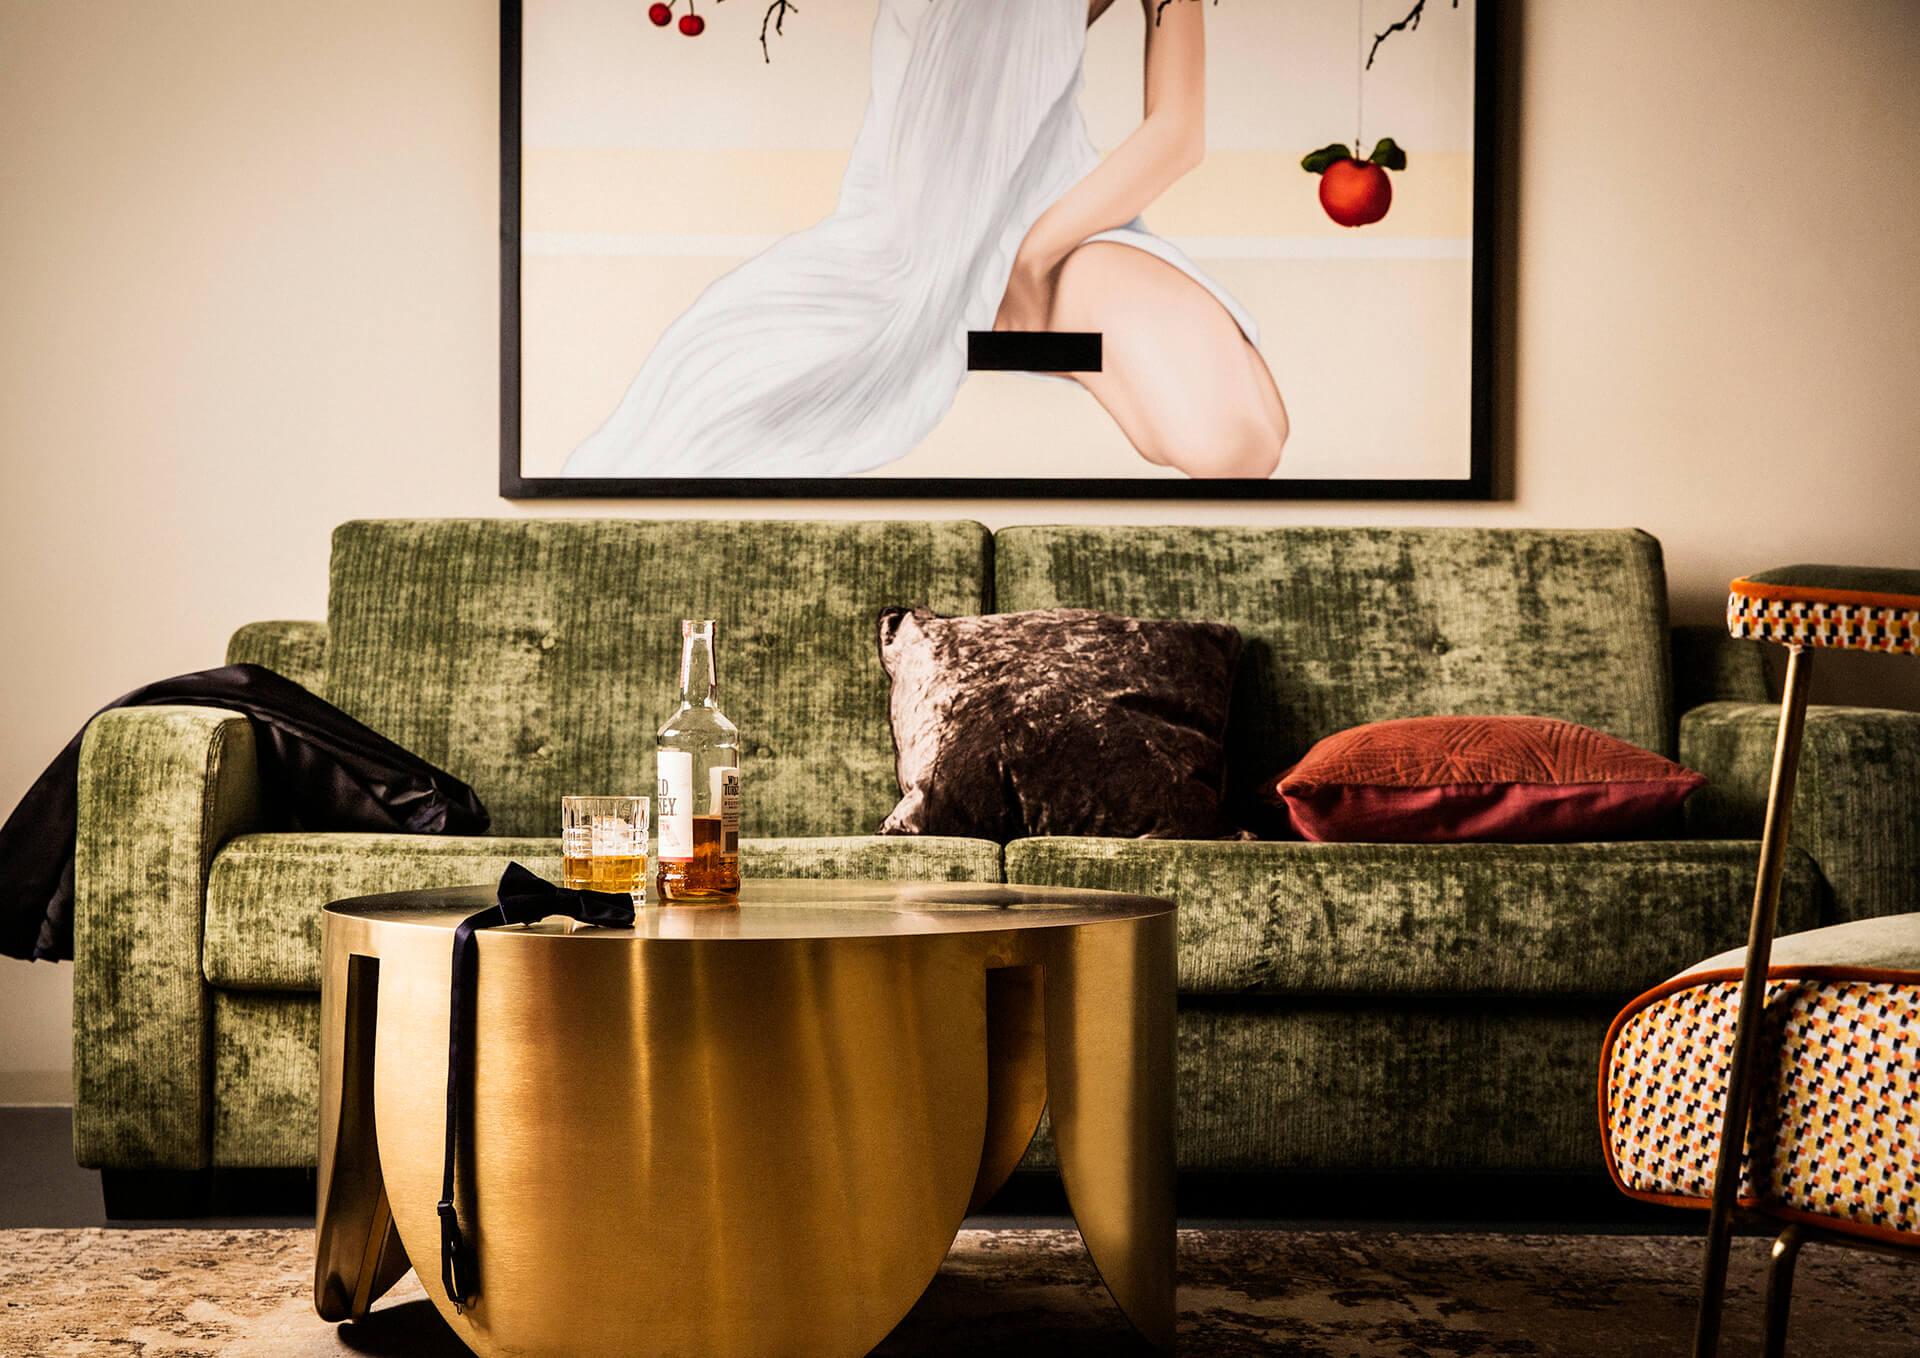 Jams Suite mit moderner Kunst sowie Sofa und Couchtisch im angesagten Retro-Design